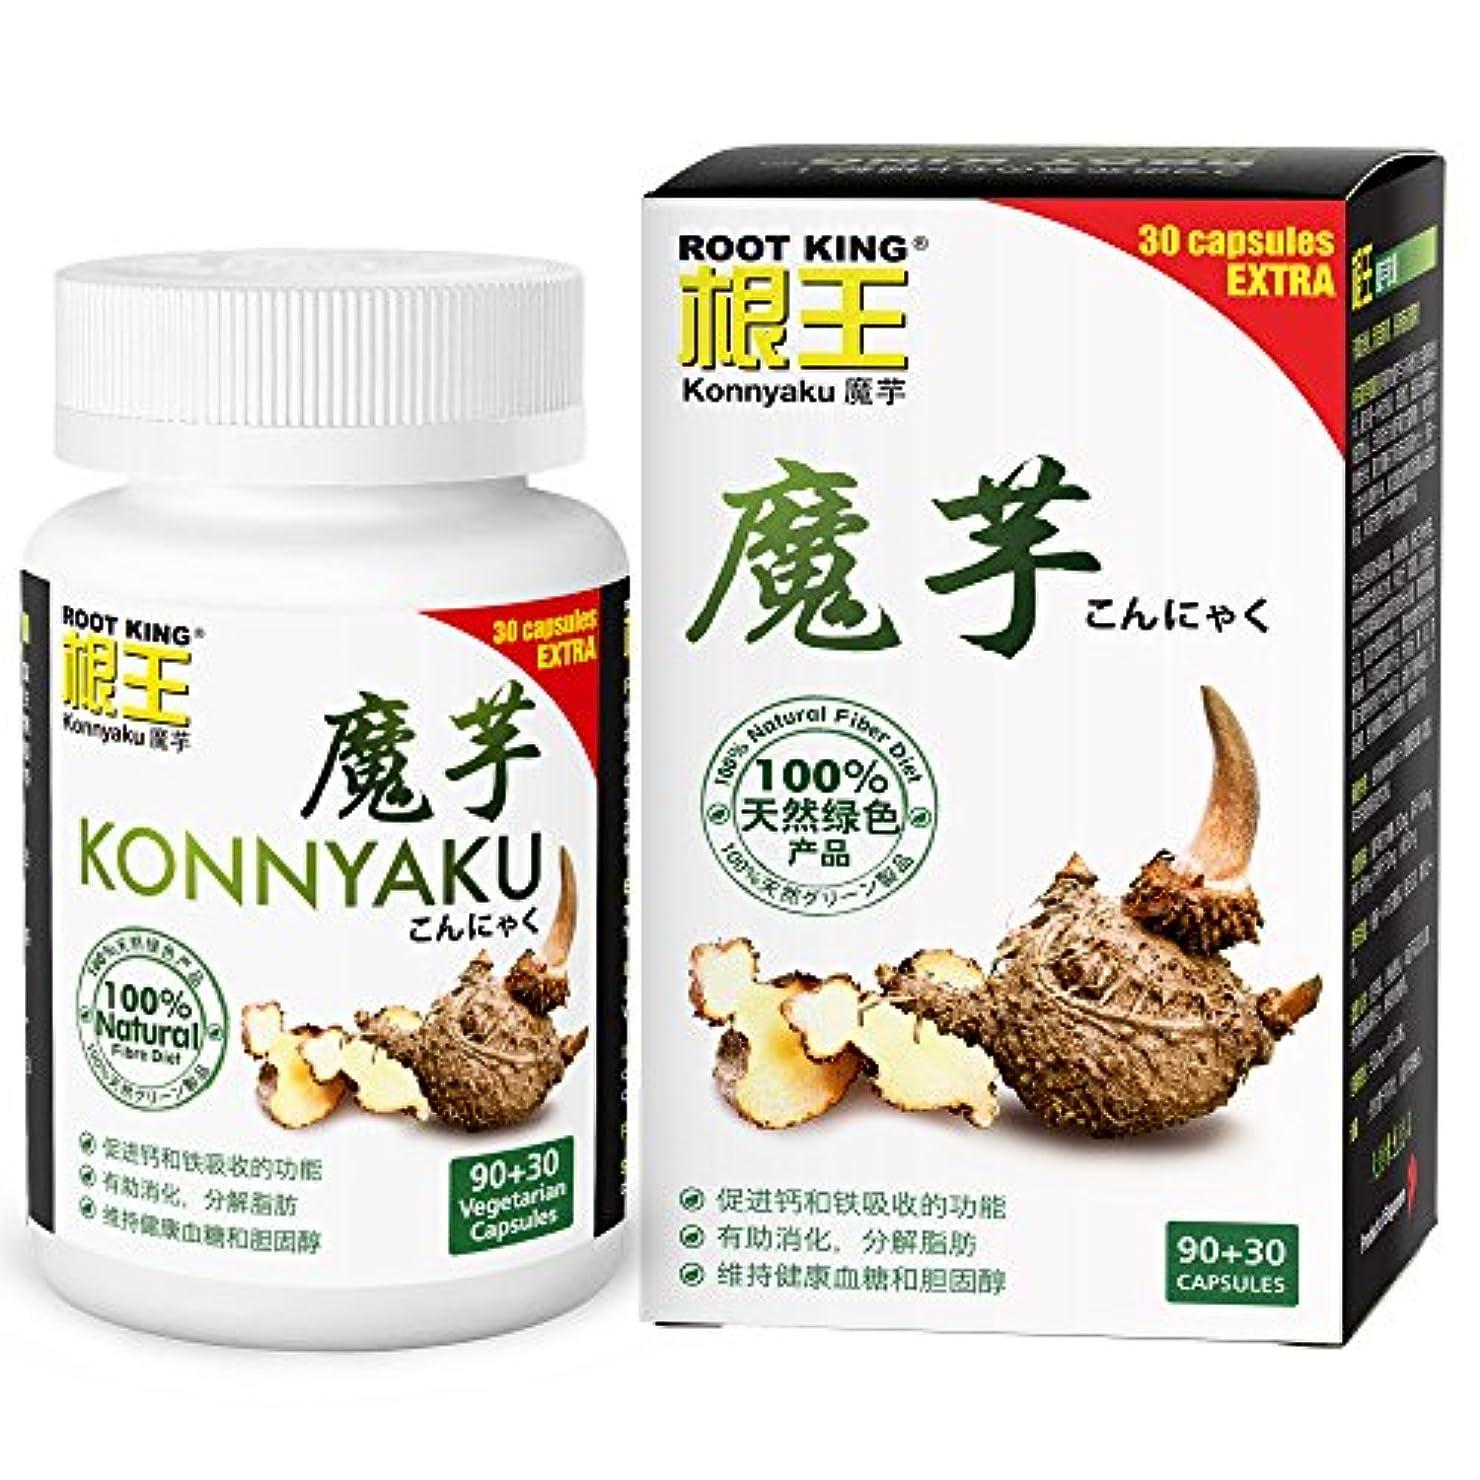 髄トライアスリート地区ROOT KING Konnyaku (120 Vegecaps) - control appetitide, feel fuller, contains Konjac glucomannan